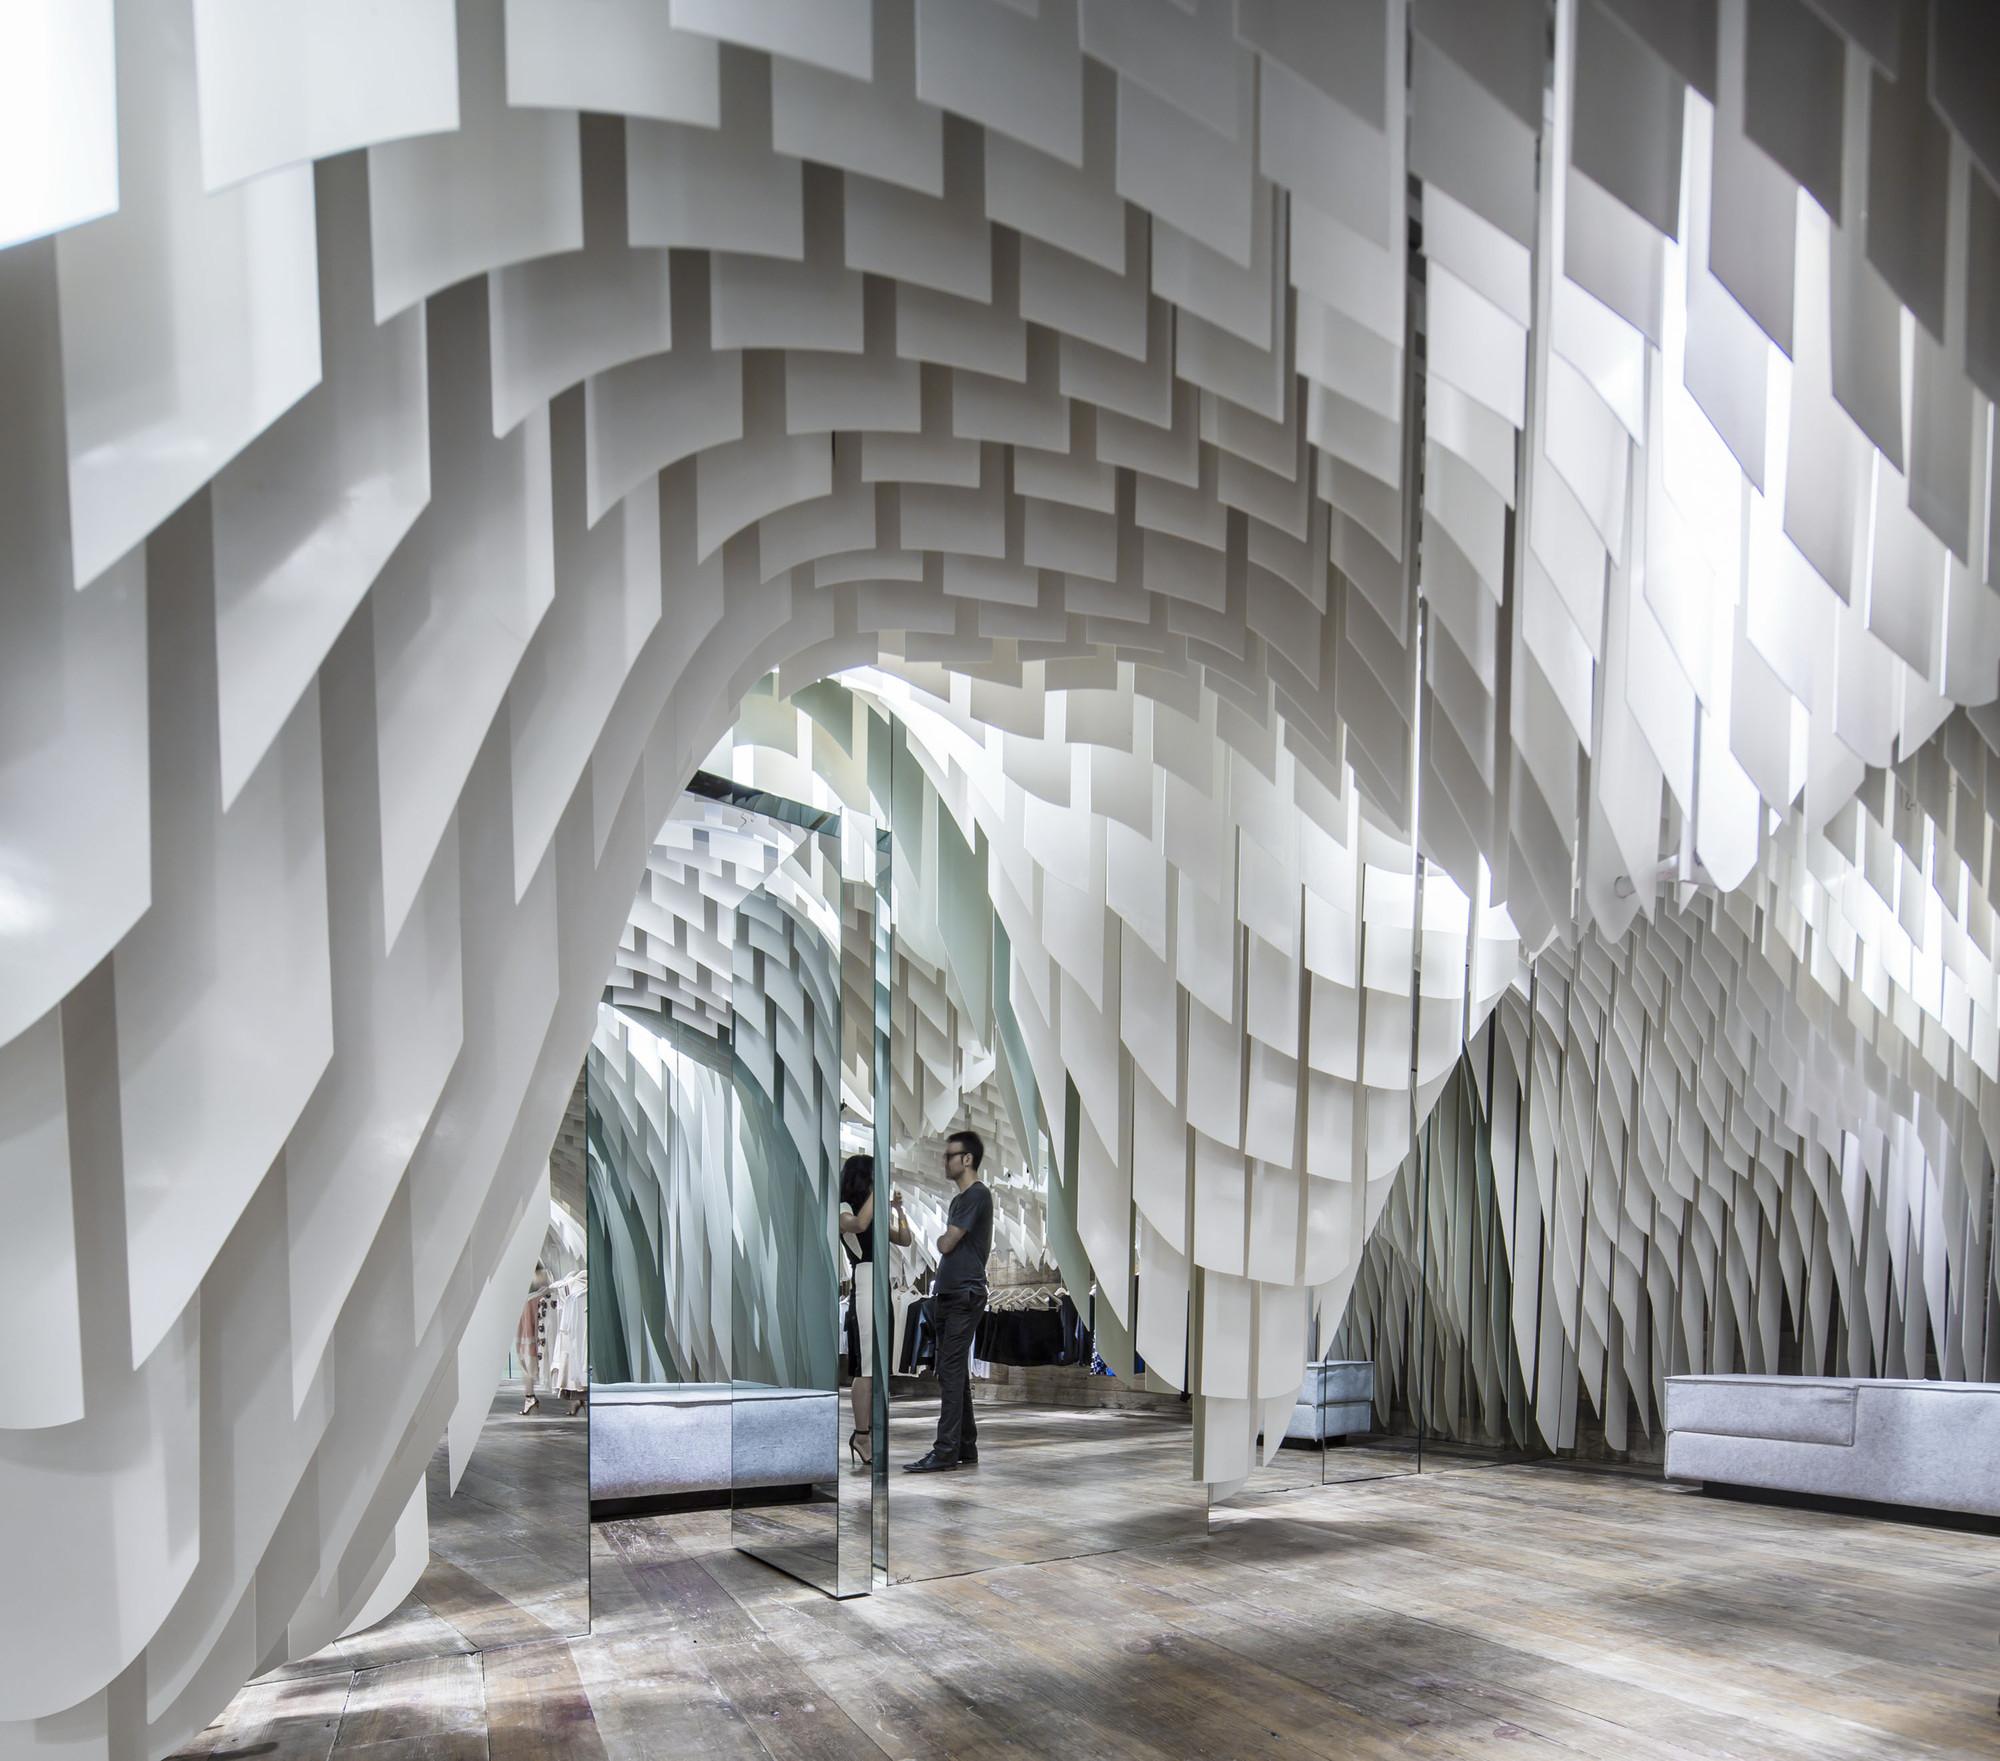 SND Fashion Store / 3GATTI, © Shen Qiang